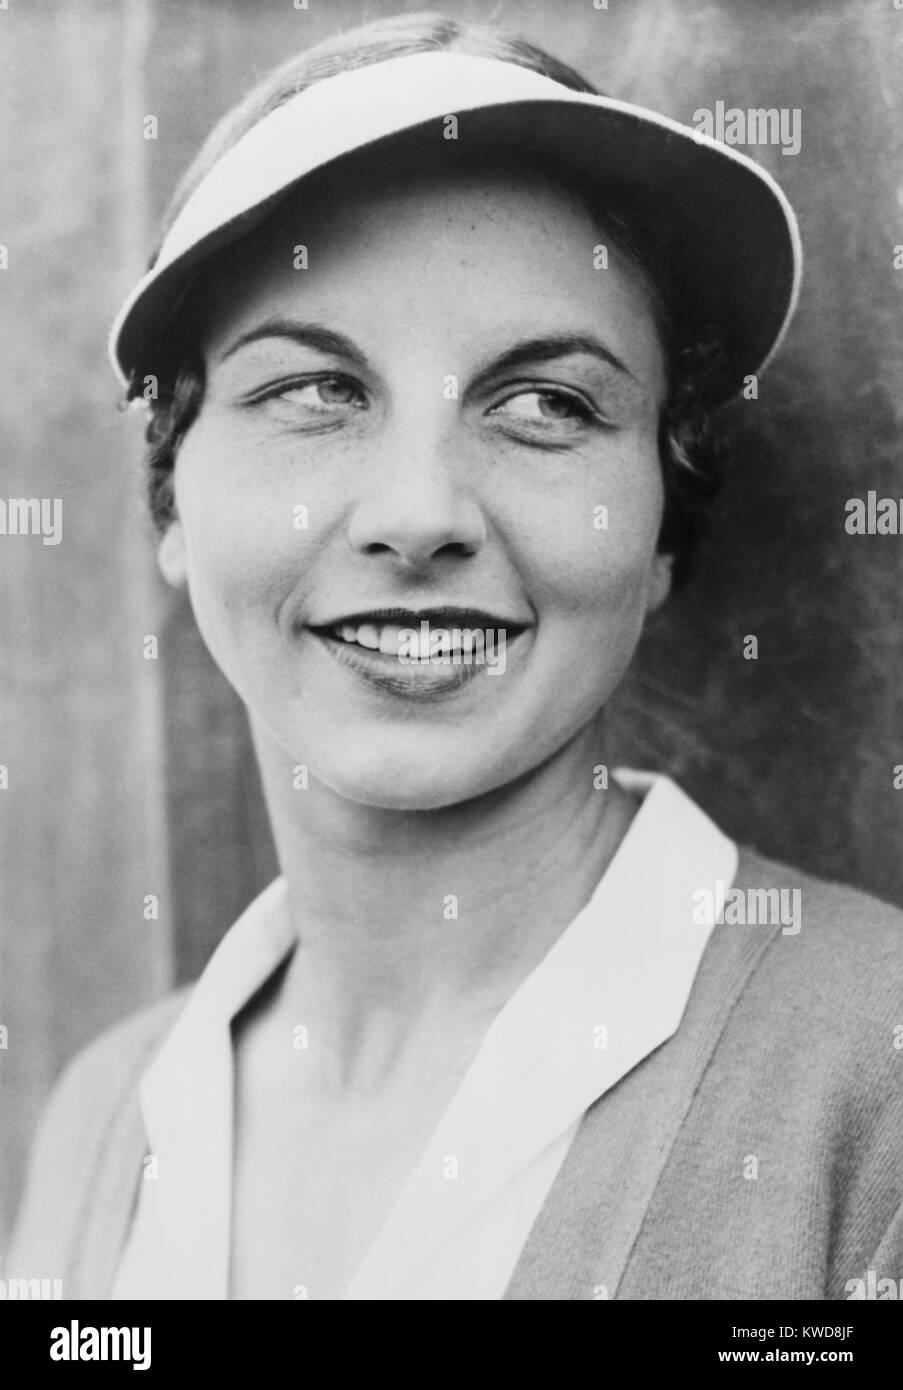 Helen Wills Moody 1931. Sie hielt die Top Position in Women's Tennis für insgesamt 9 Jahre: 1927-33, 1935 Stockbild